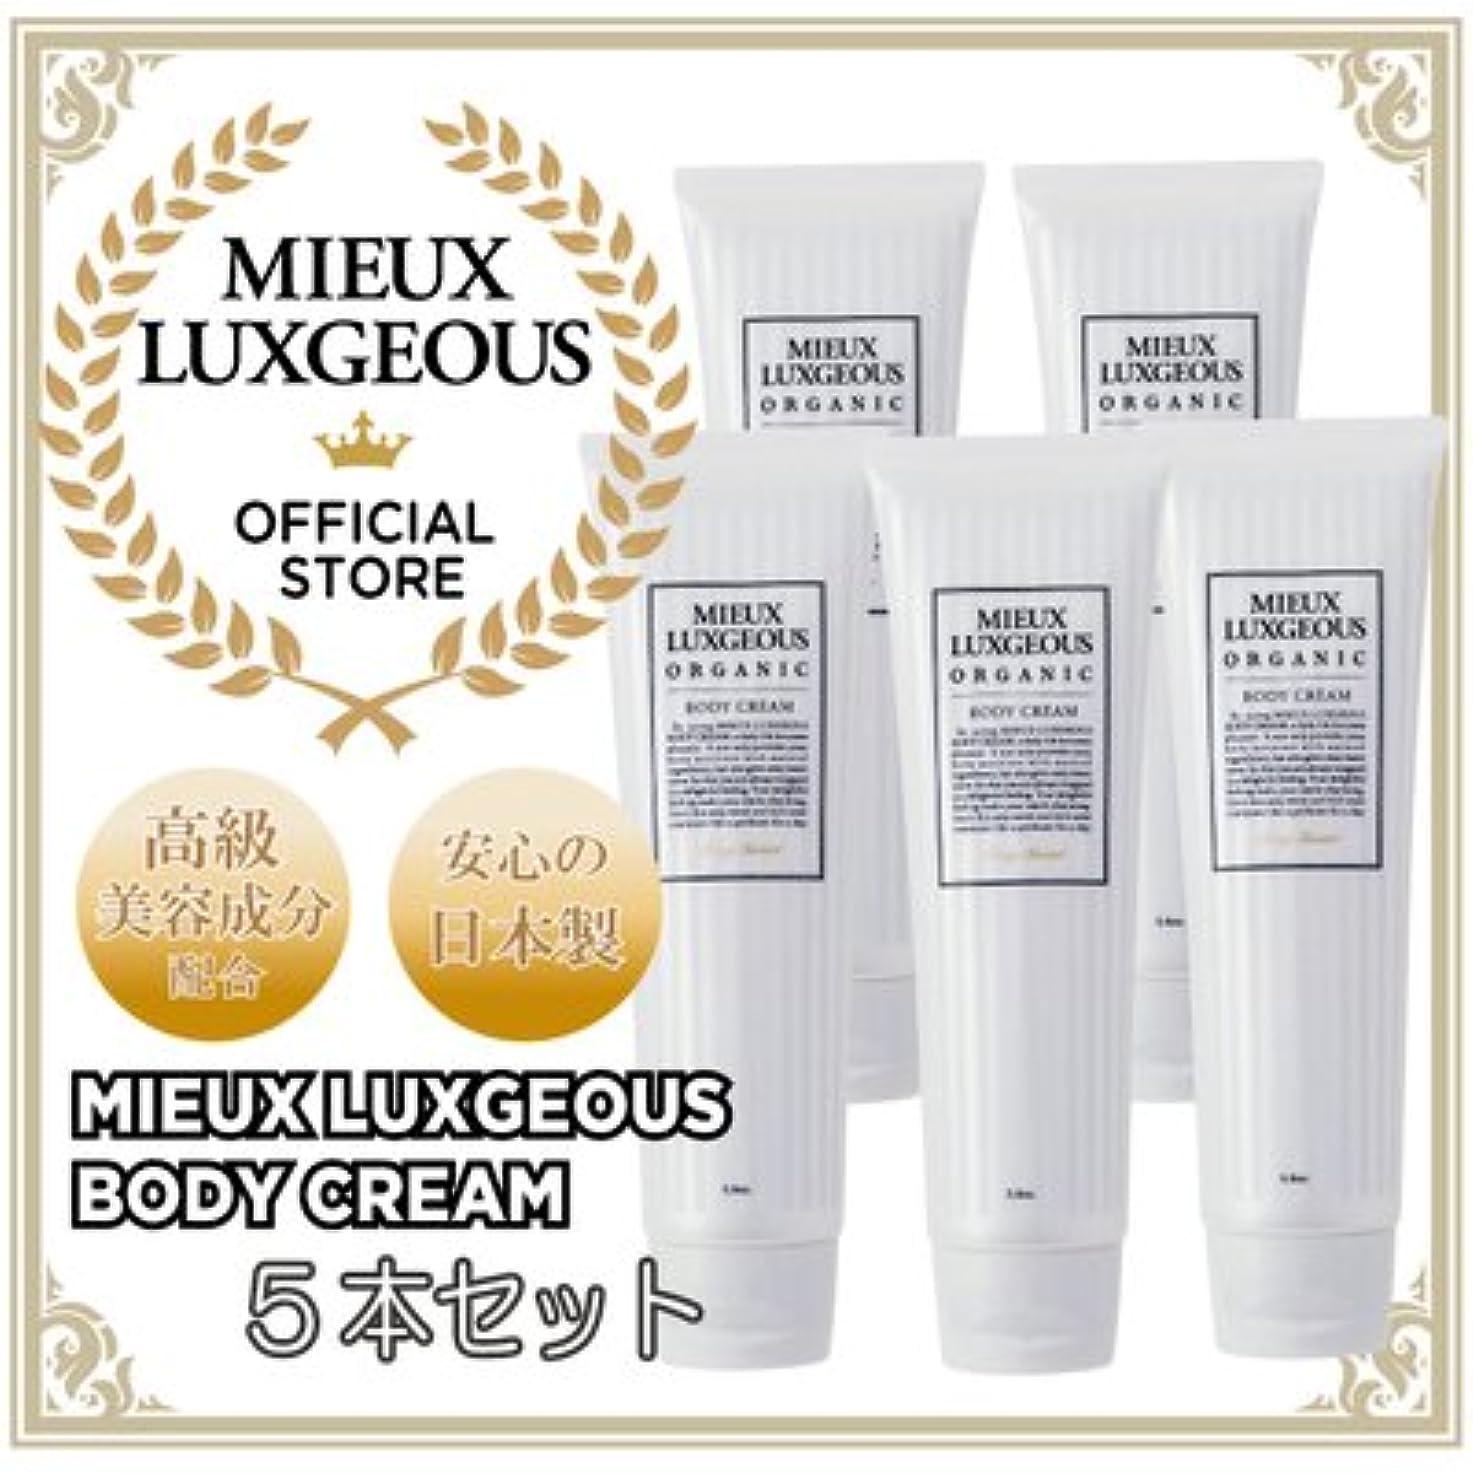 ガチョウ絡まる唯物論MIEUX LUXGEOUS R Body Cream 5本set